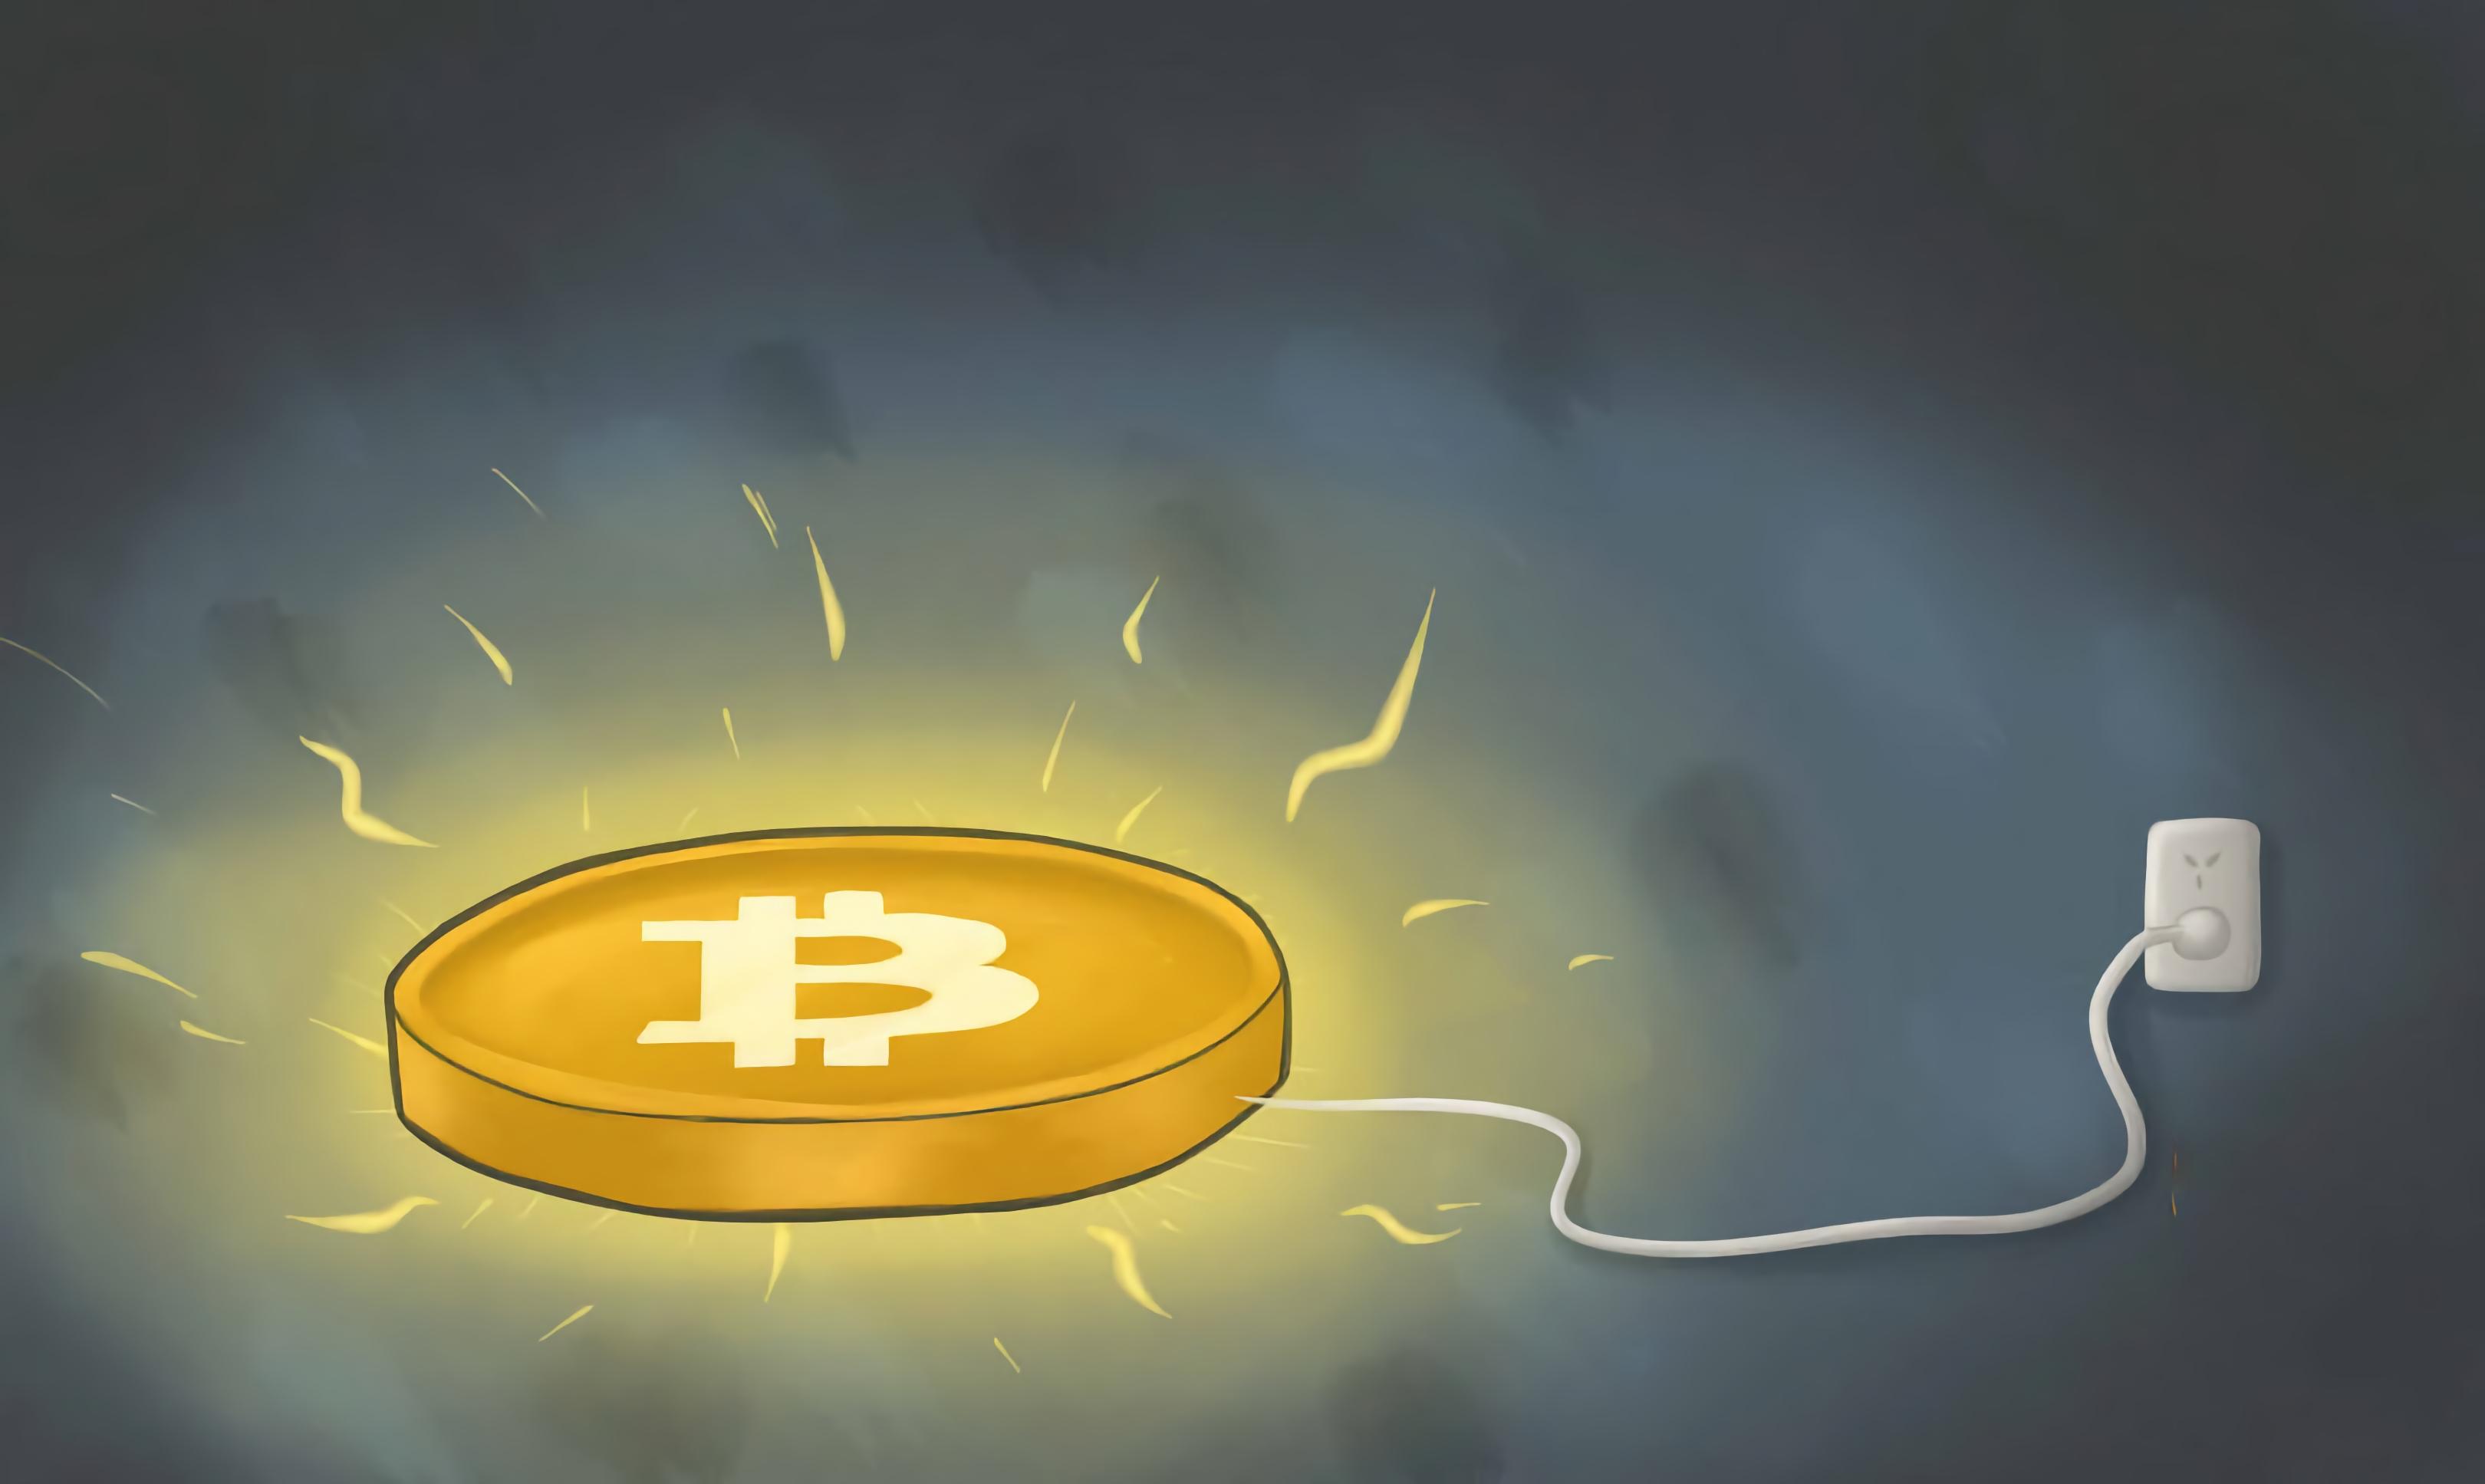 Верится с трудом, но Bitcoin за год потребляет энергии больше, чем Нидерланды и ОАЭ